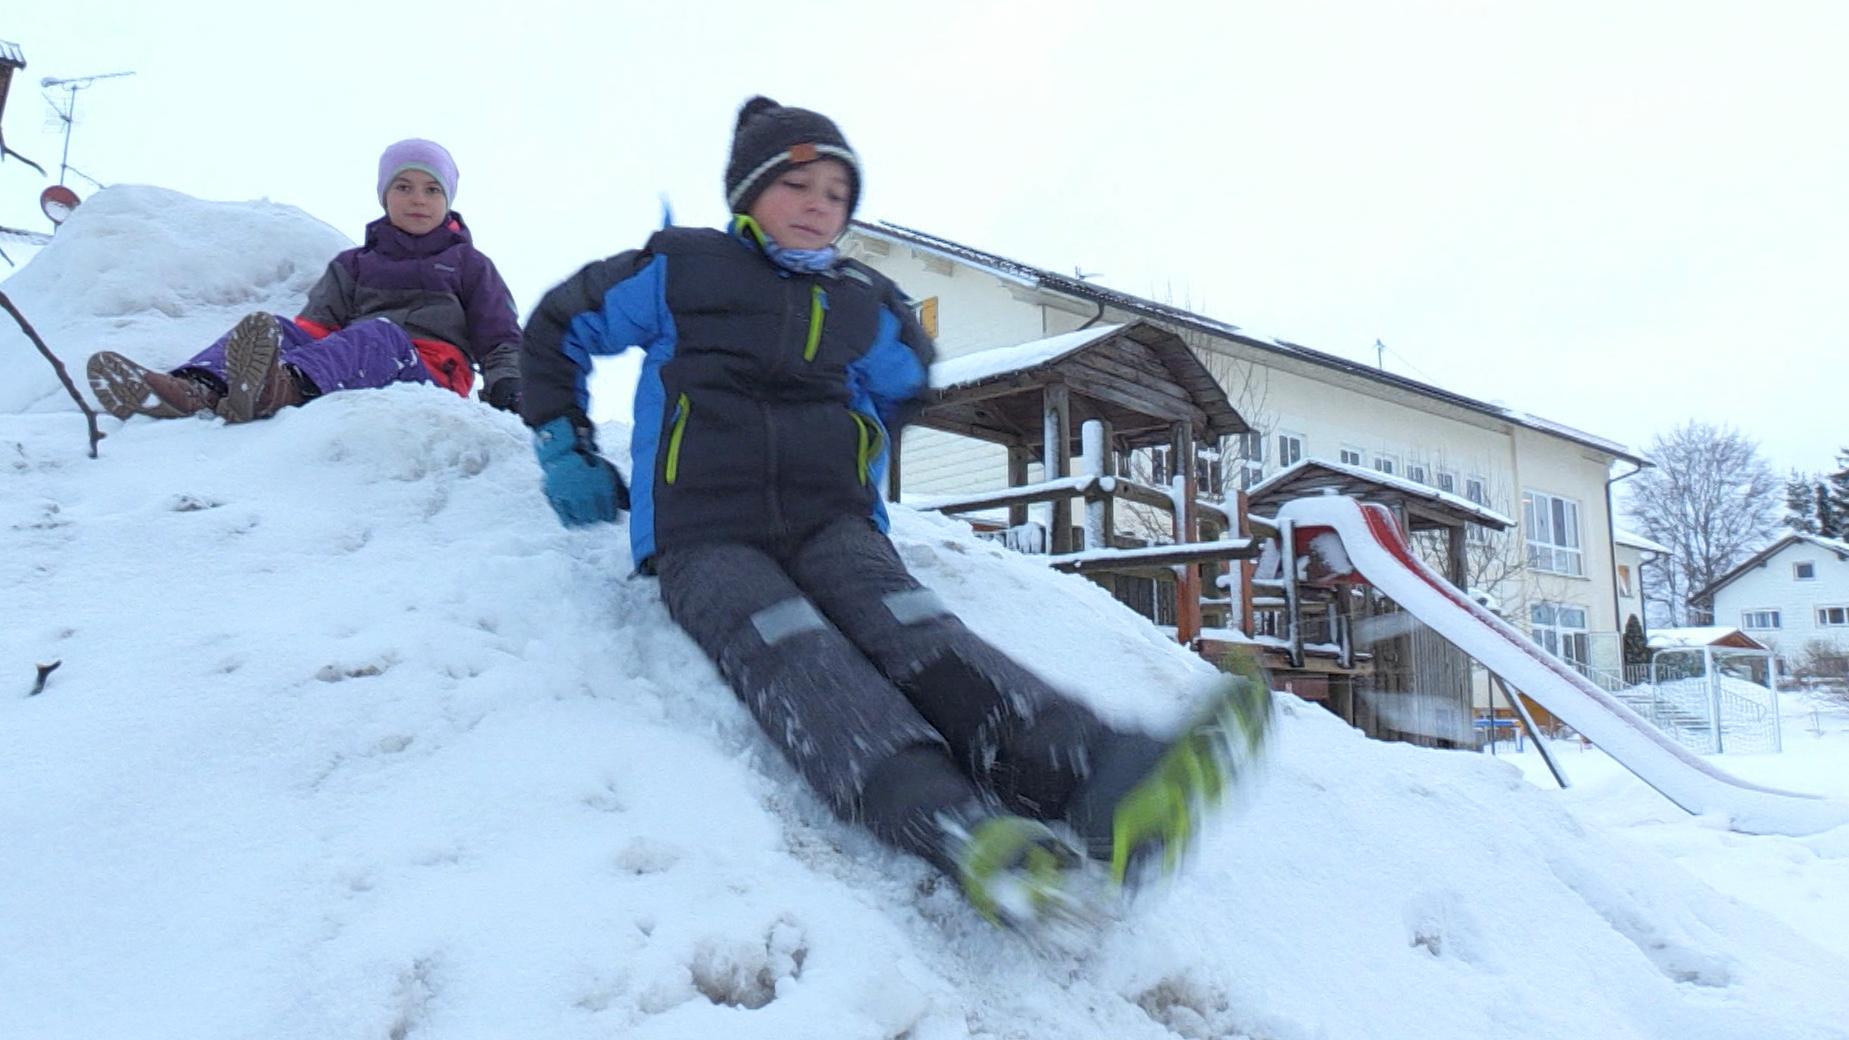 Kinder rutschen über einen Schneeberg